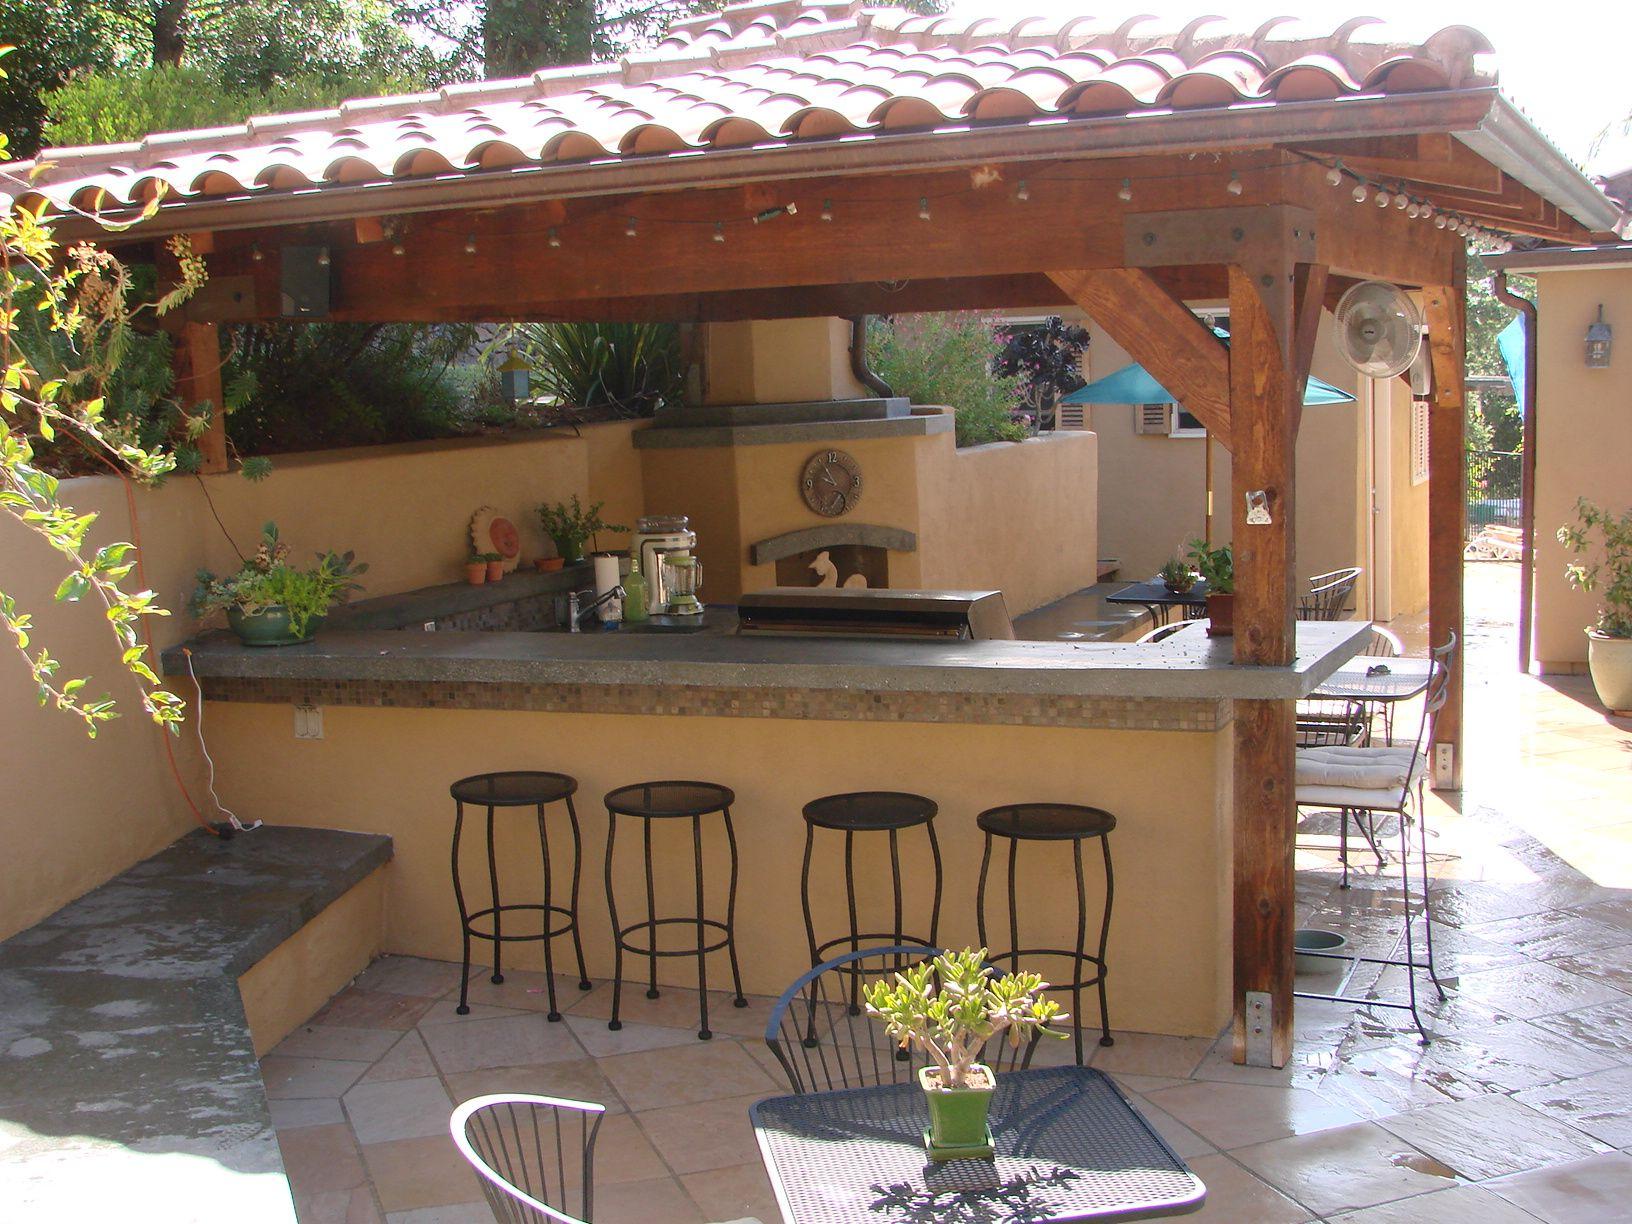 Outdoor Kitchen By West Bay Landscape Co San Jose California Patio Y Jardin Decoracion Patios Patios